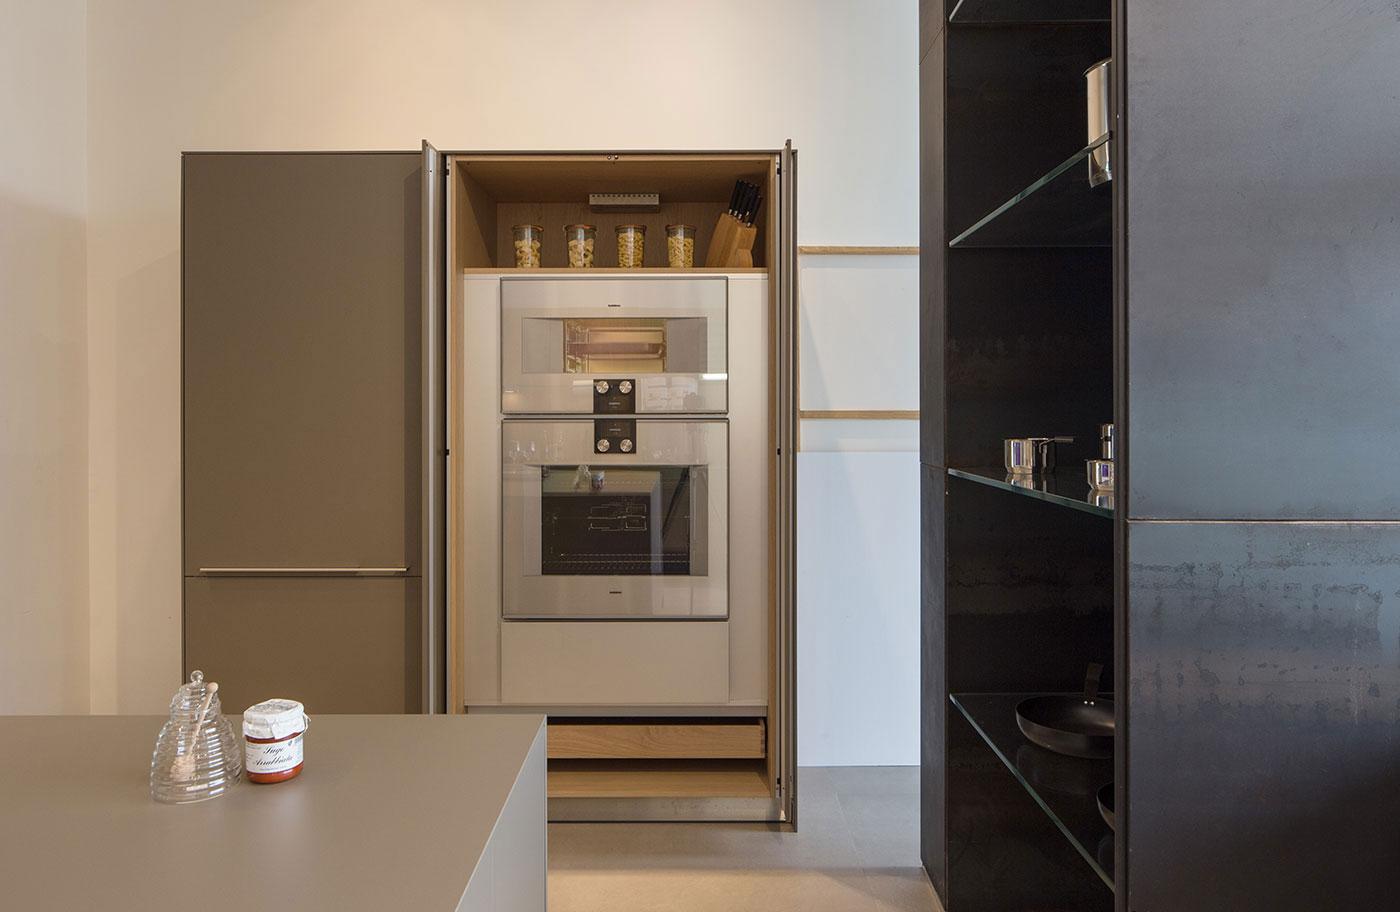 Obegi Home Bulthaup Kitchens Area 5